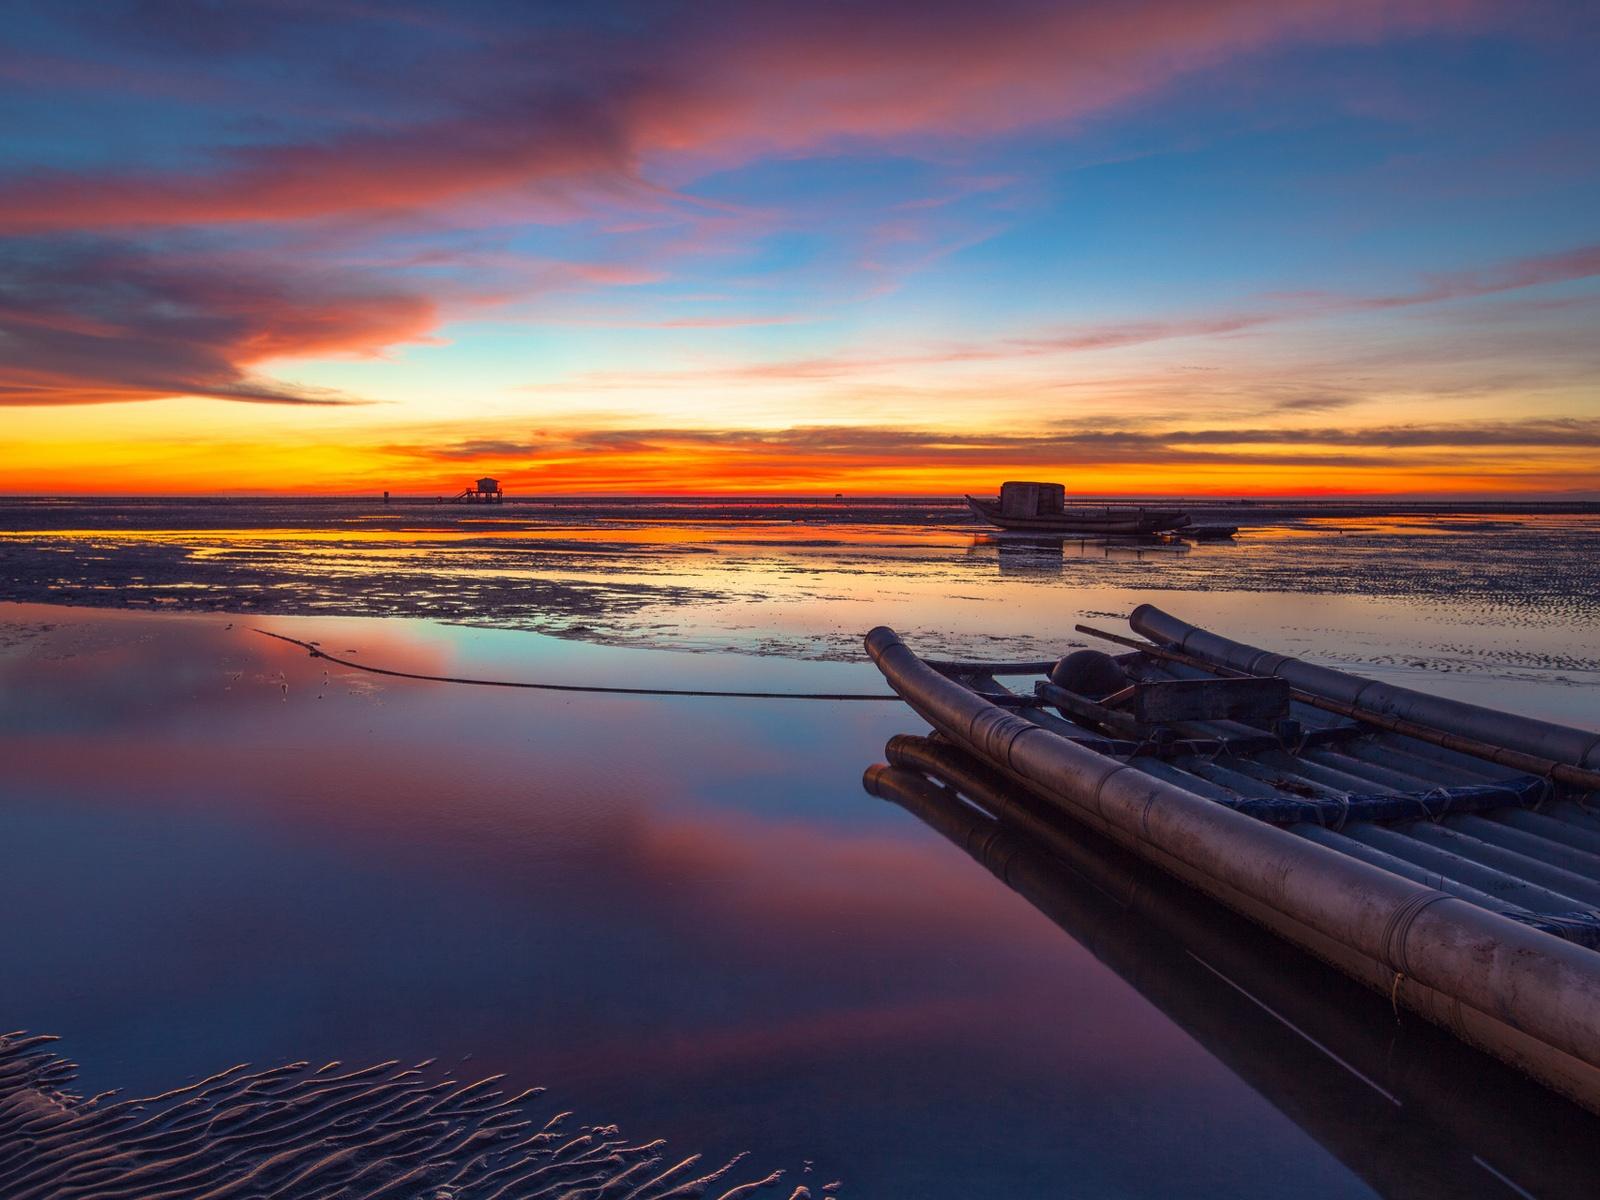 Wallpaper China, Taiwan Strait, Beautiful Evening Sunset